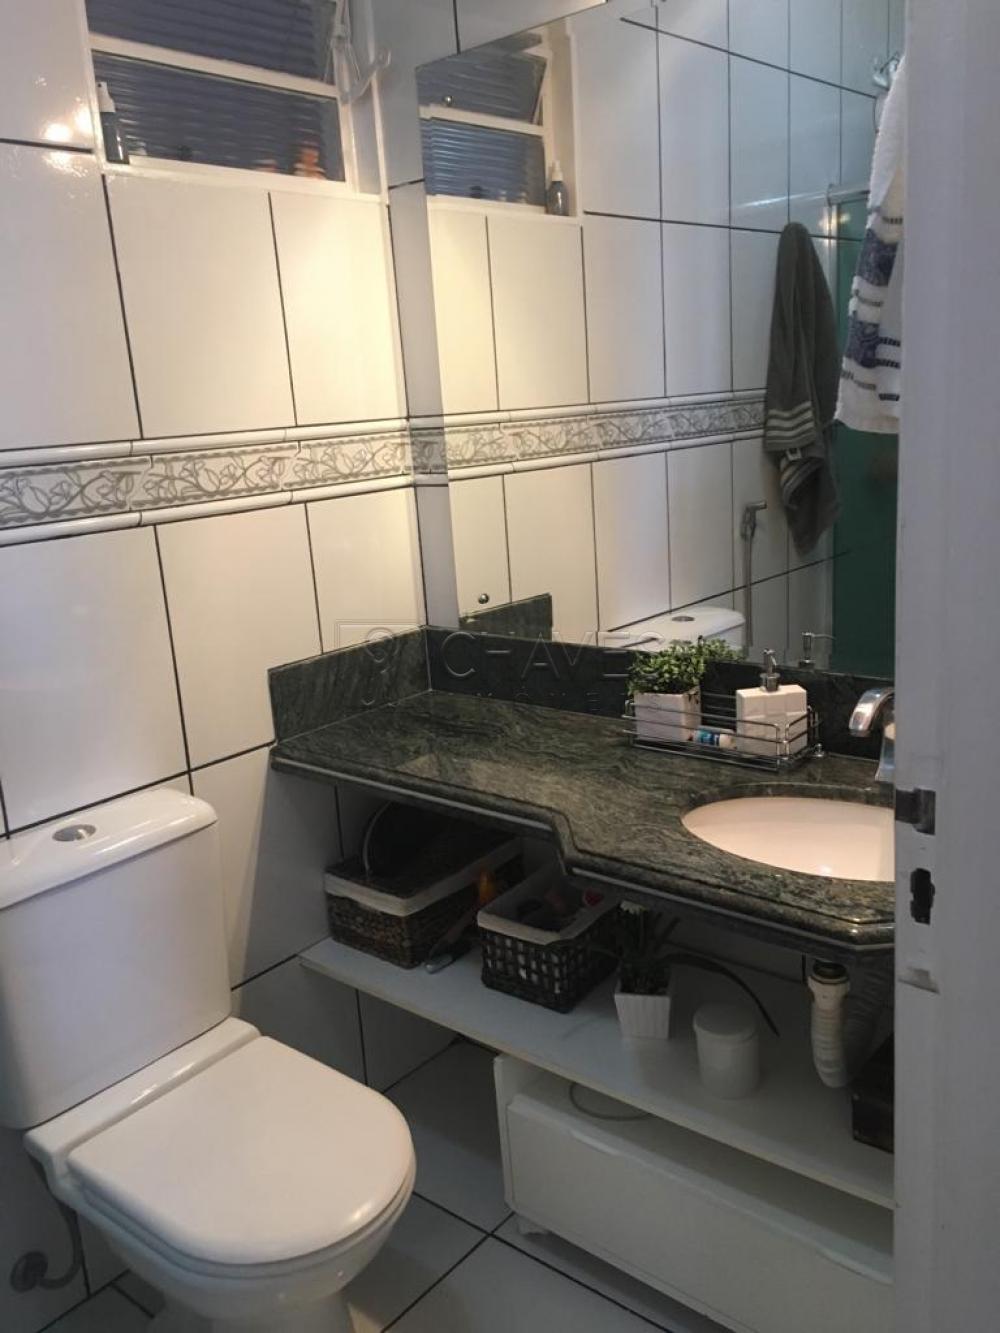 Comprar Apartamento / Padrão em Ribeirão Preto apenas R$ 310.000,00 - Foto 12